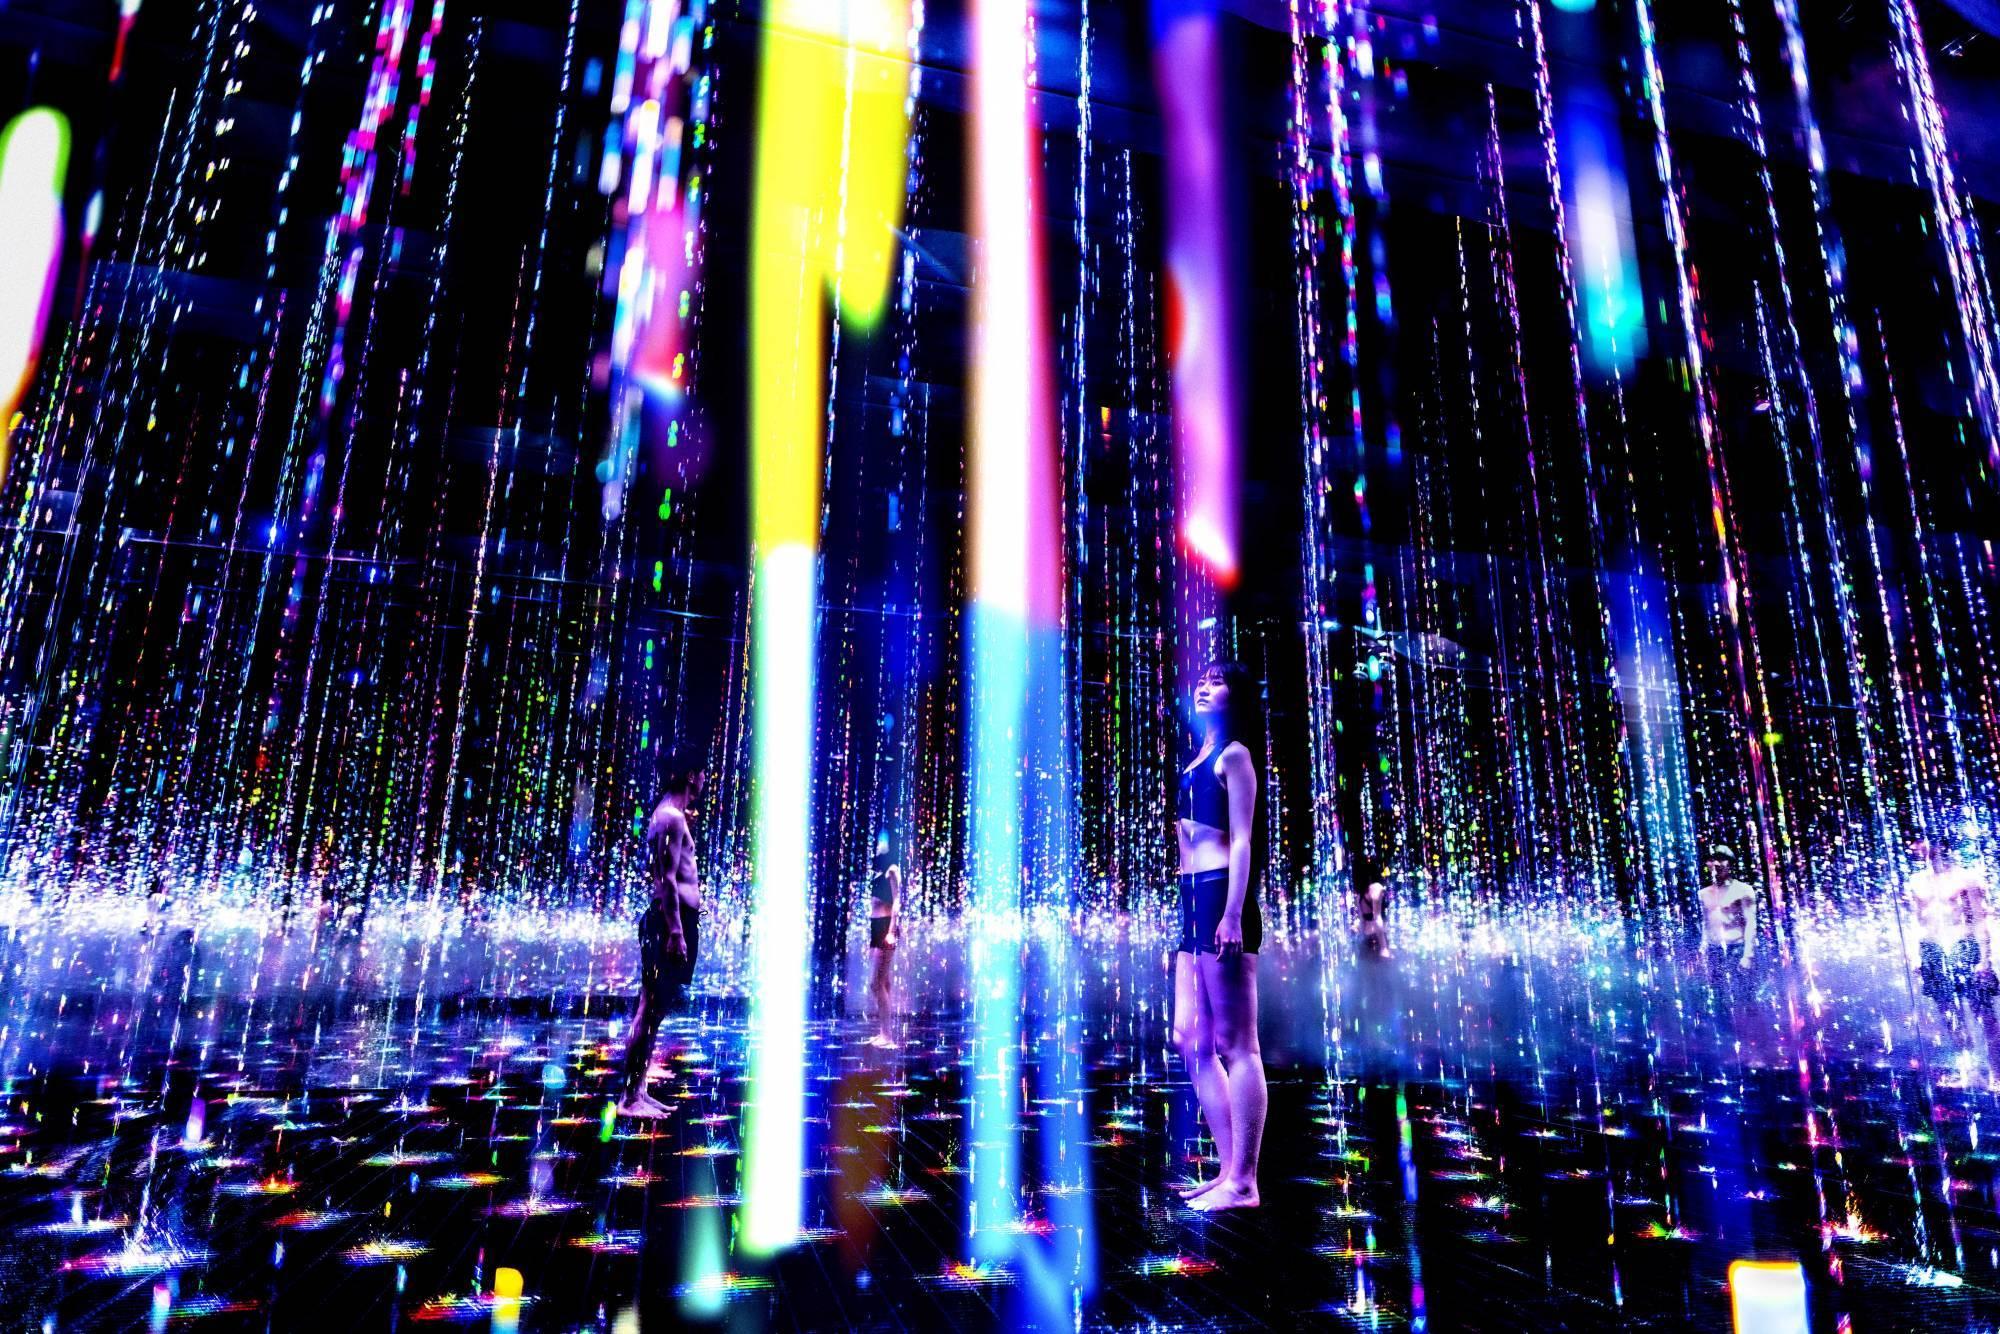 新感覚の『アート×サウナ』でととのう! チームラボリコネクトでアート浴を体験しよう